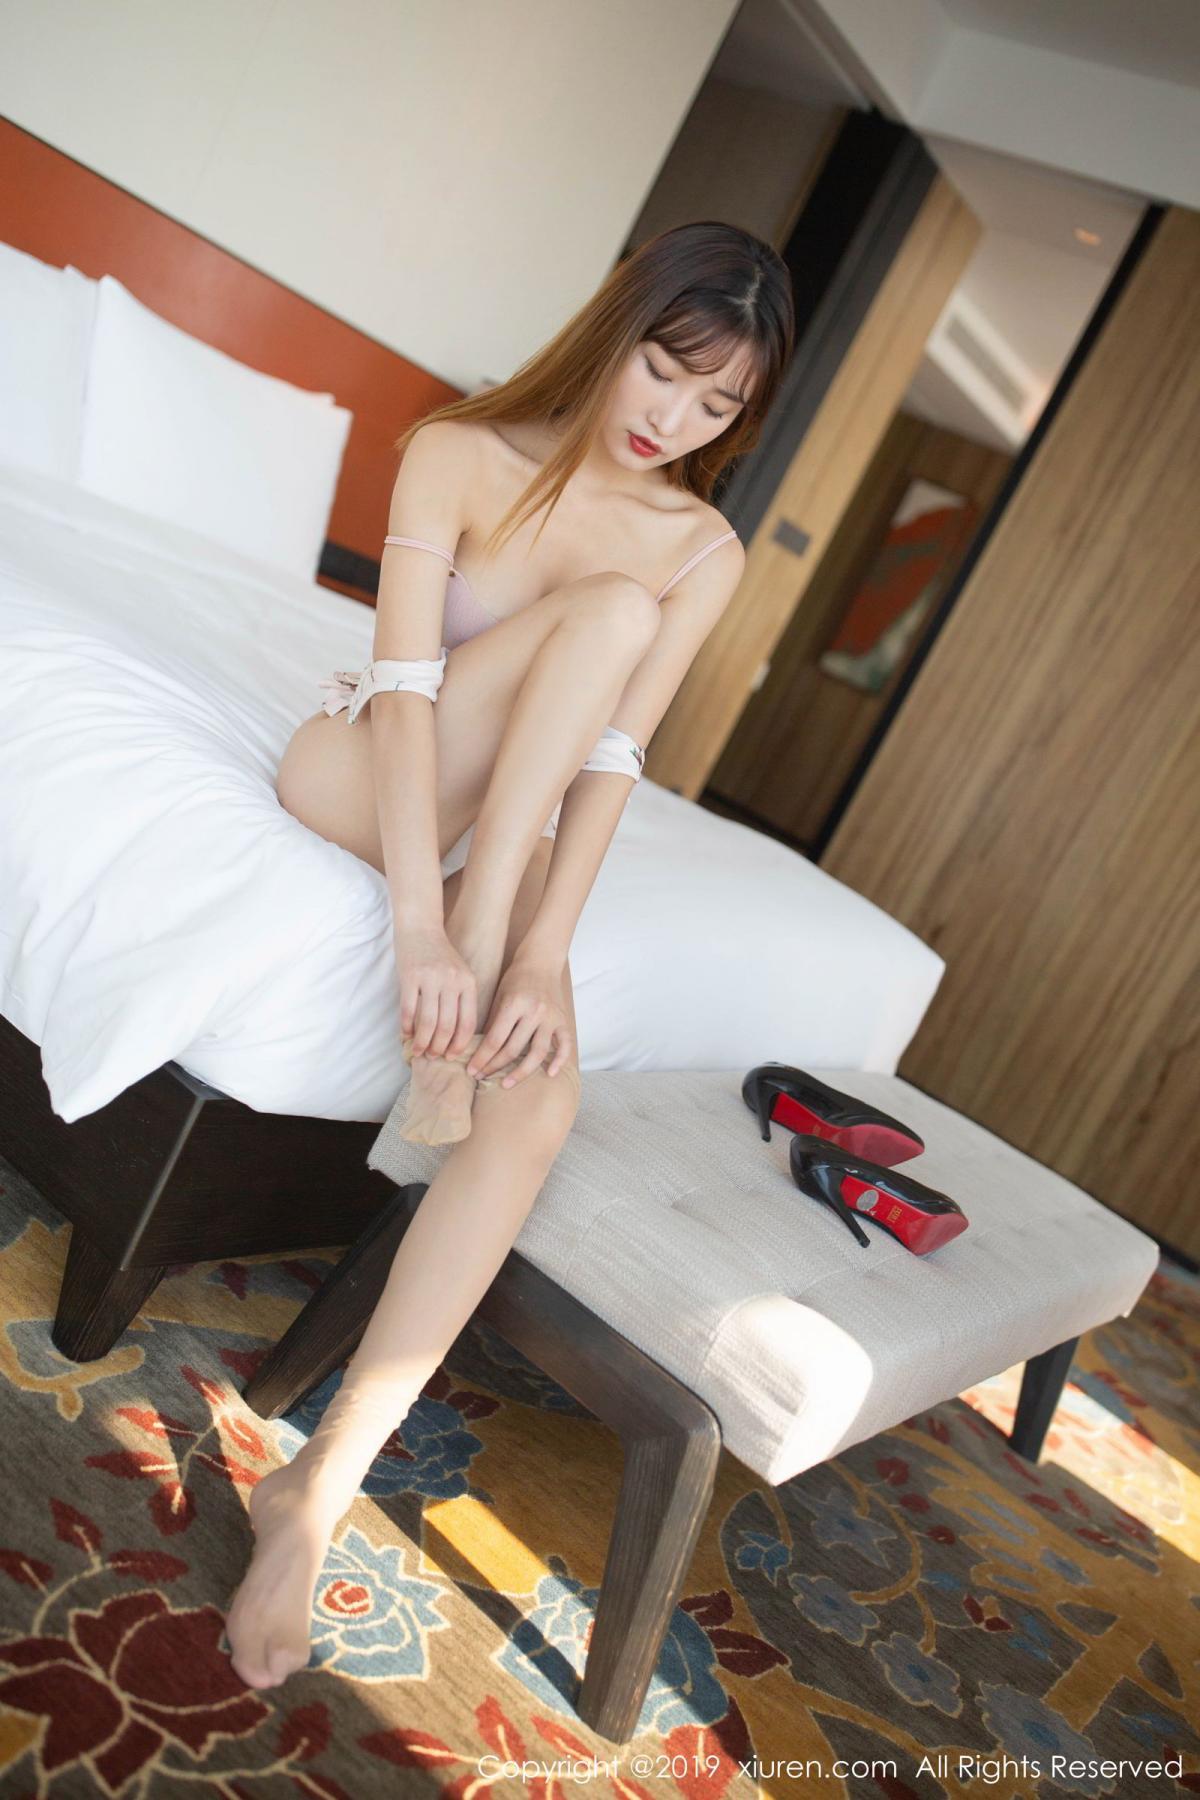 [XiuRen] Vol.1737 Lu Xuan Xuan 2 58P, Cheongsam, Lu Xuan Xuan, Underwear, Xiuren